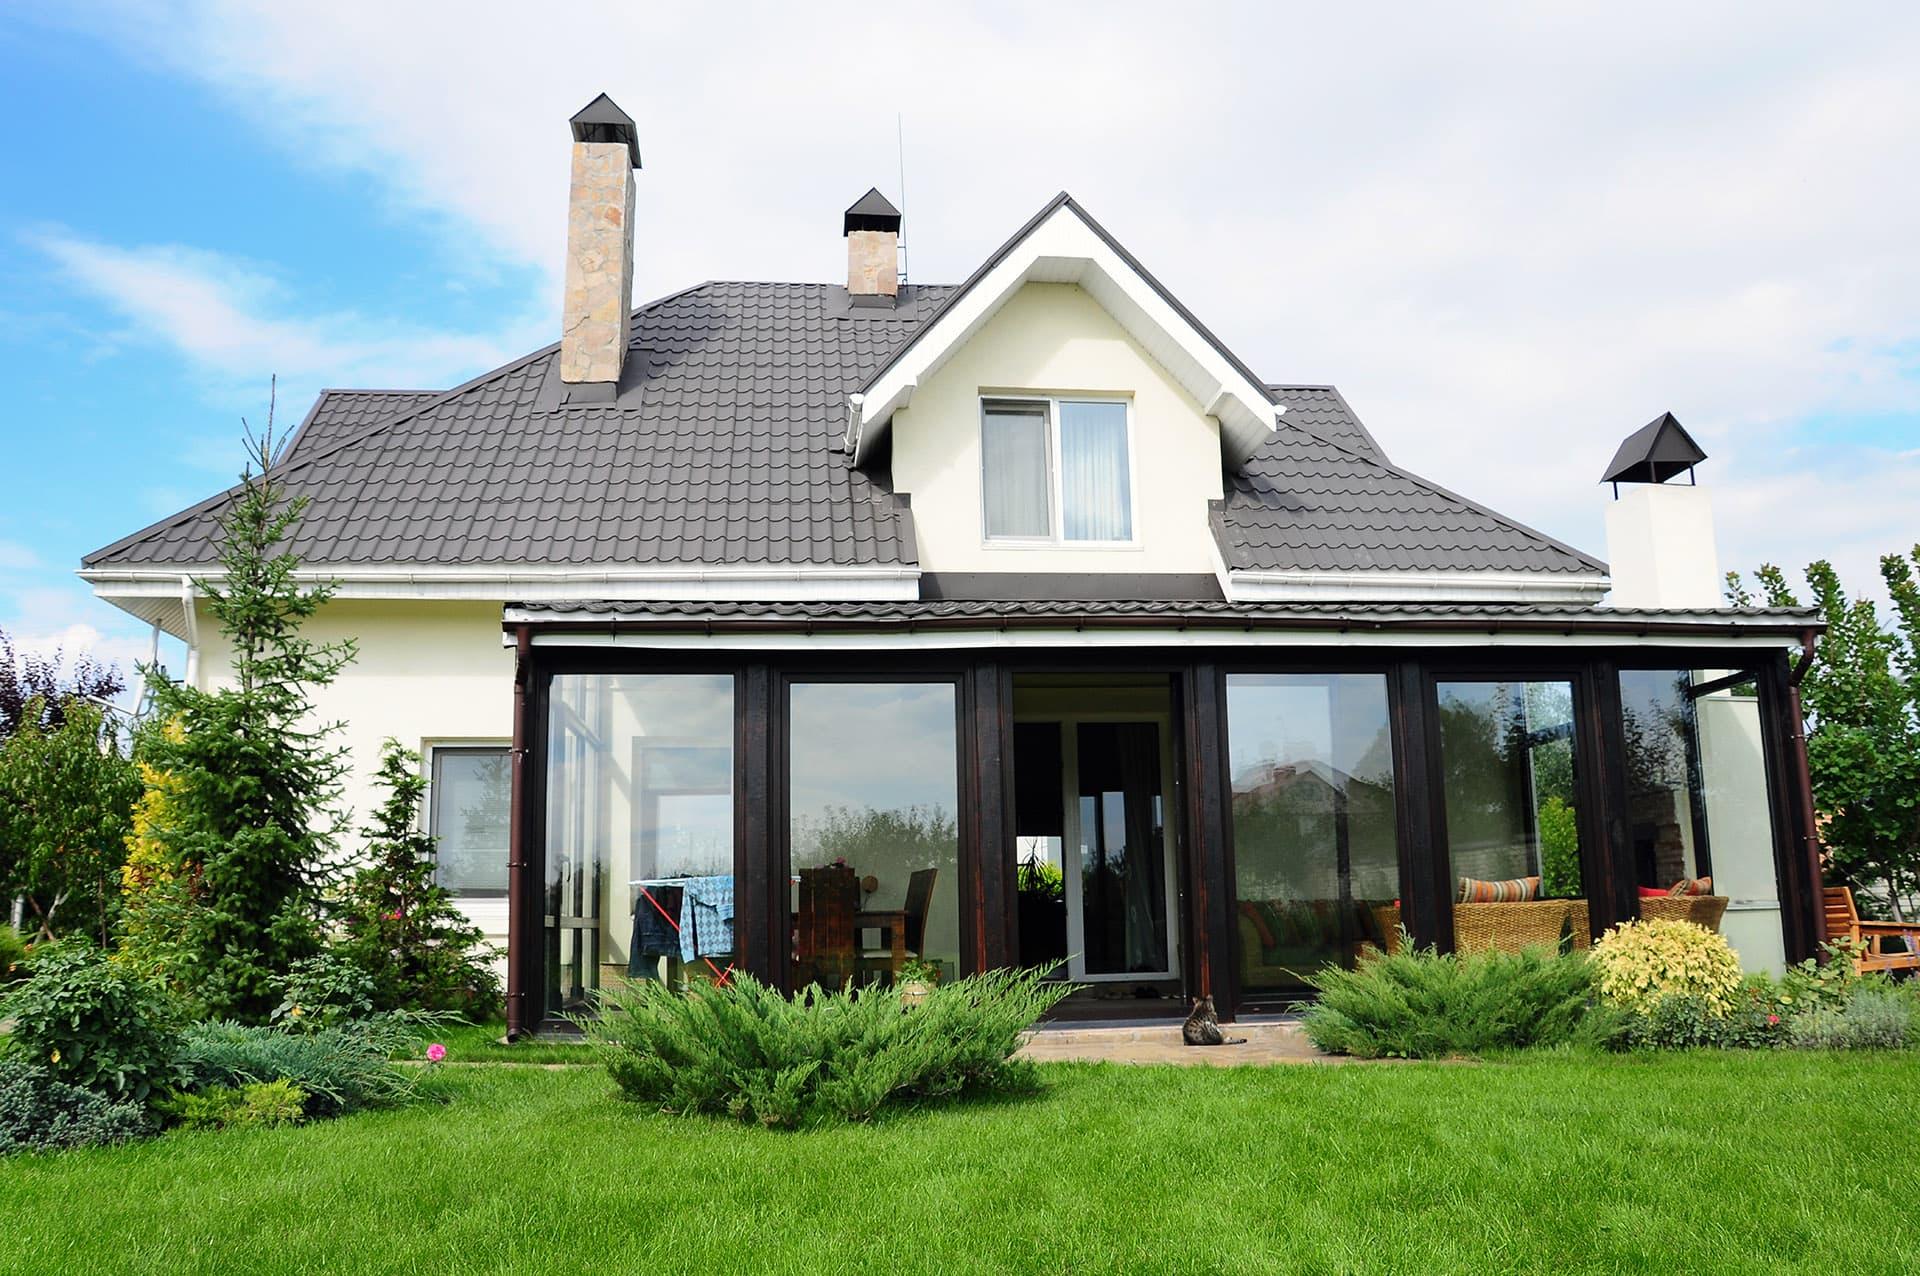 Gracus - Broker budowy domów - Twój dom, spokojna przystań